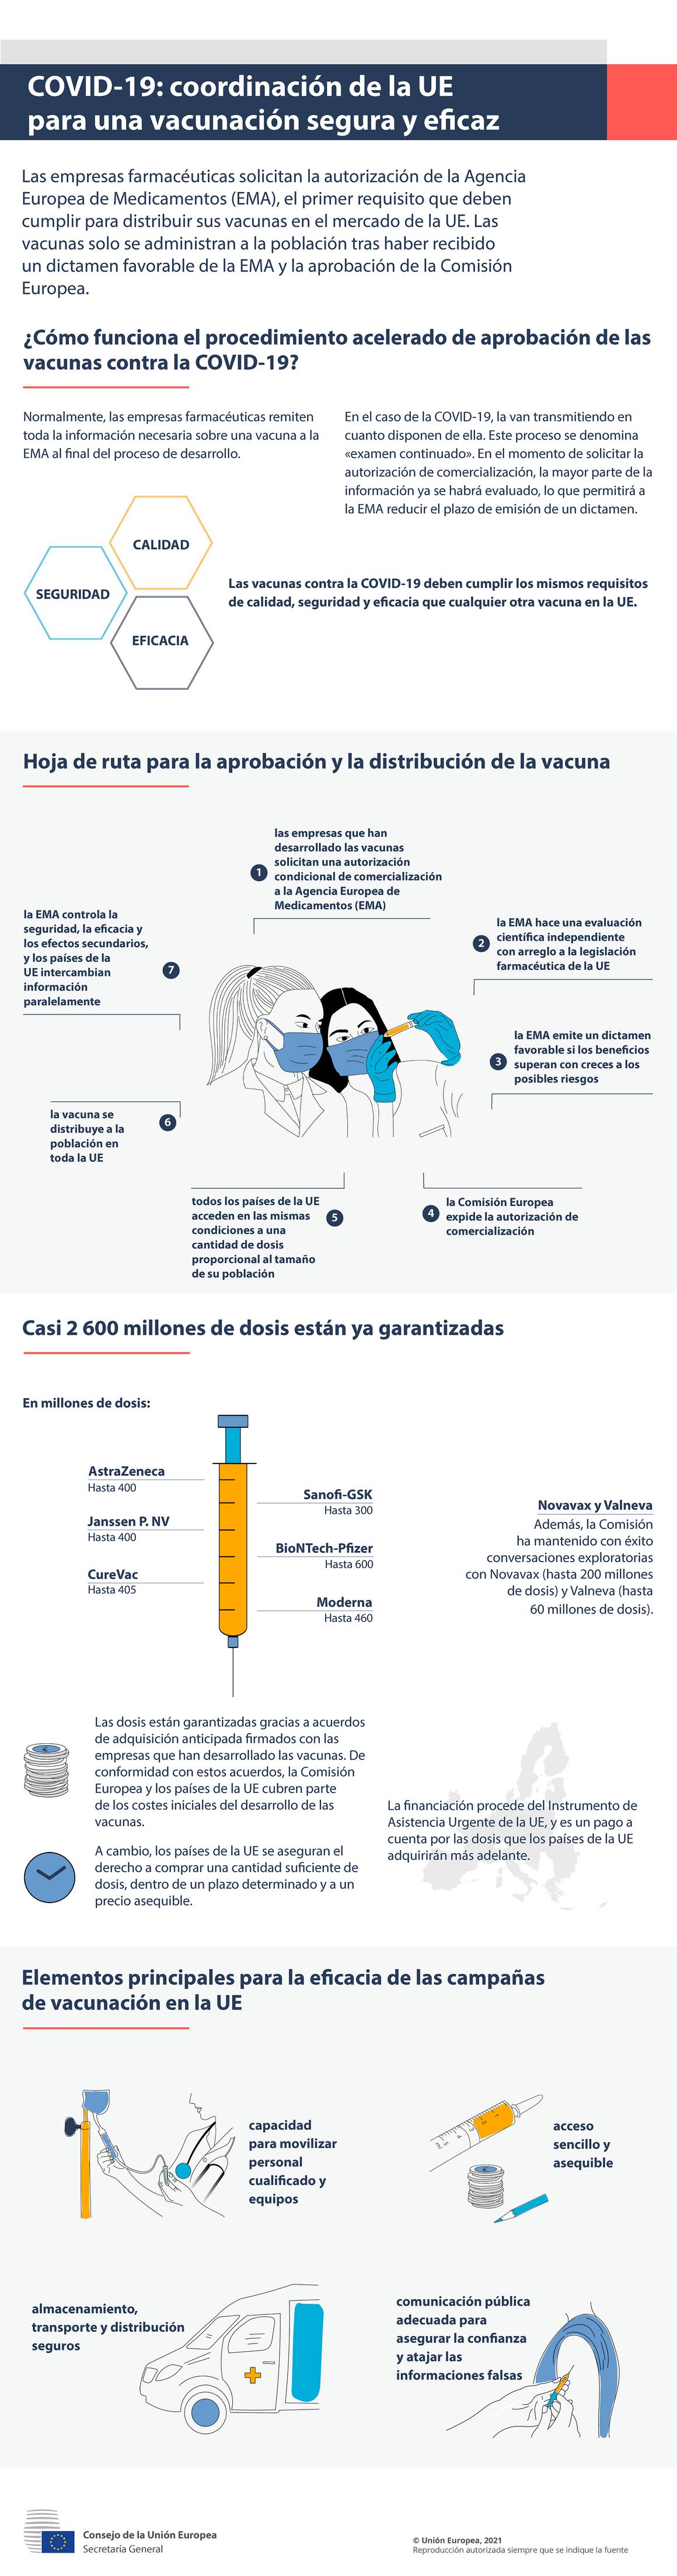 Infografía - COVID-19: Coordinación de la UE para una vacunación segura y eficaz